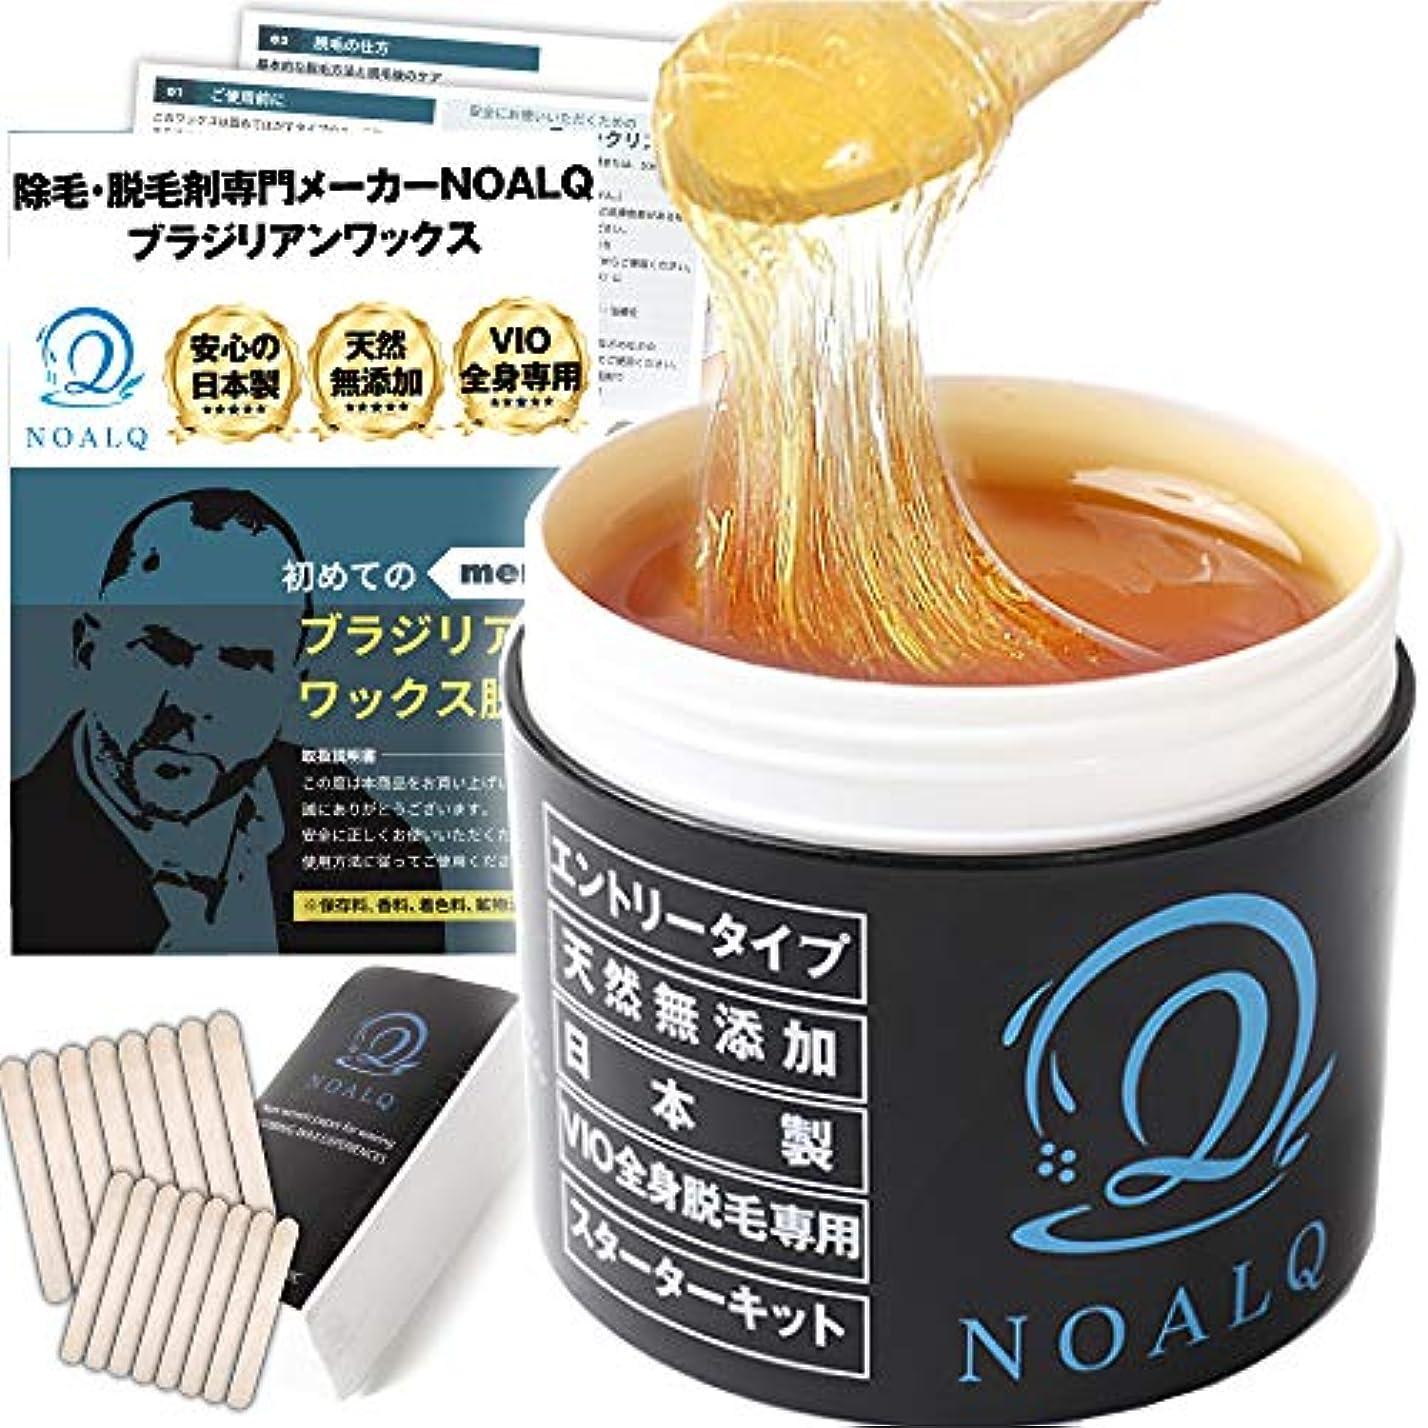 生産的処分したメロディアスNOALQ(ノアルク) ブラジリアンワックス エントリータイプ 天然無添加素材 純国産100% VIO 全身脱毛専用 スターターキット